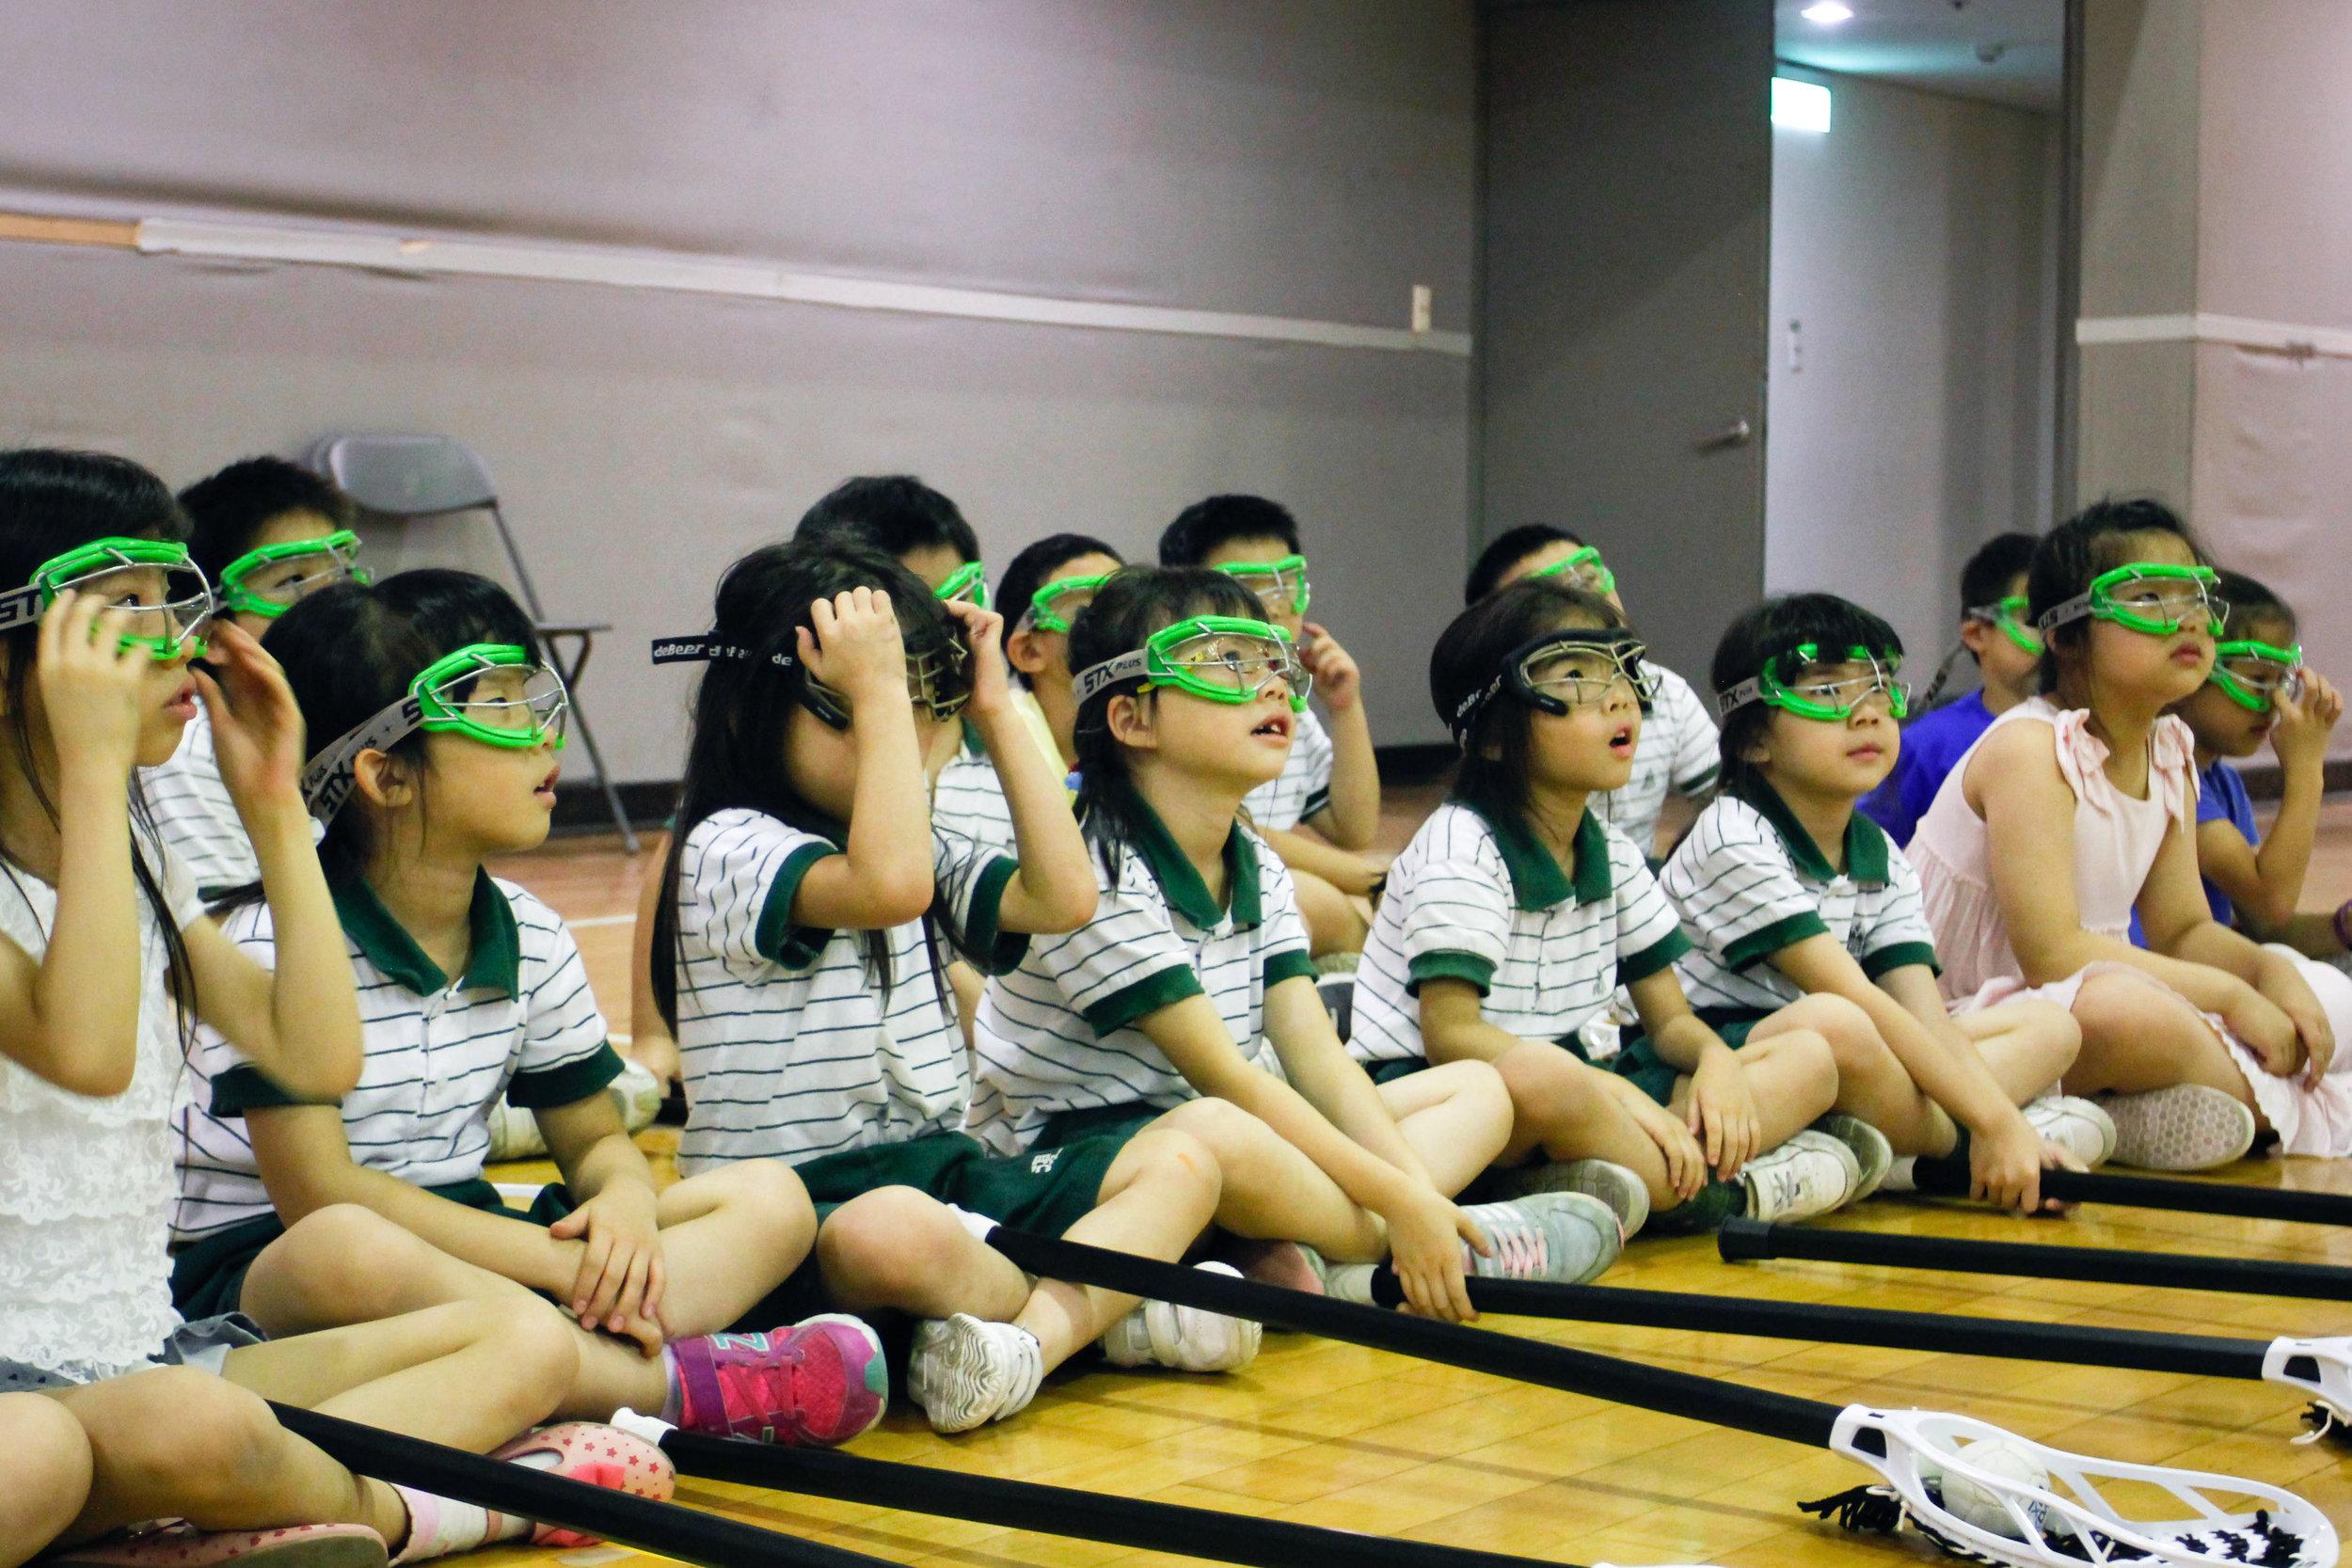 復興私小的小小學員們初次戴上袋棍球護目鏡的模樣相當俏皮。